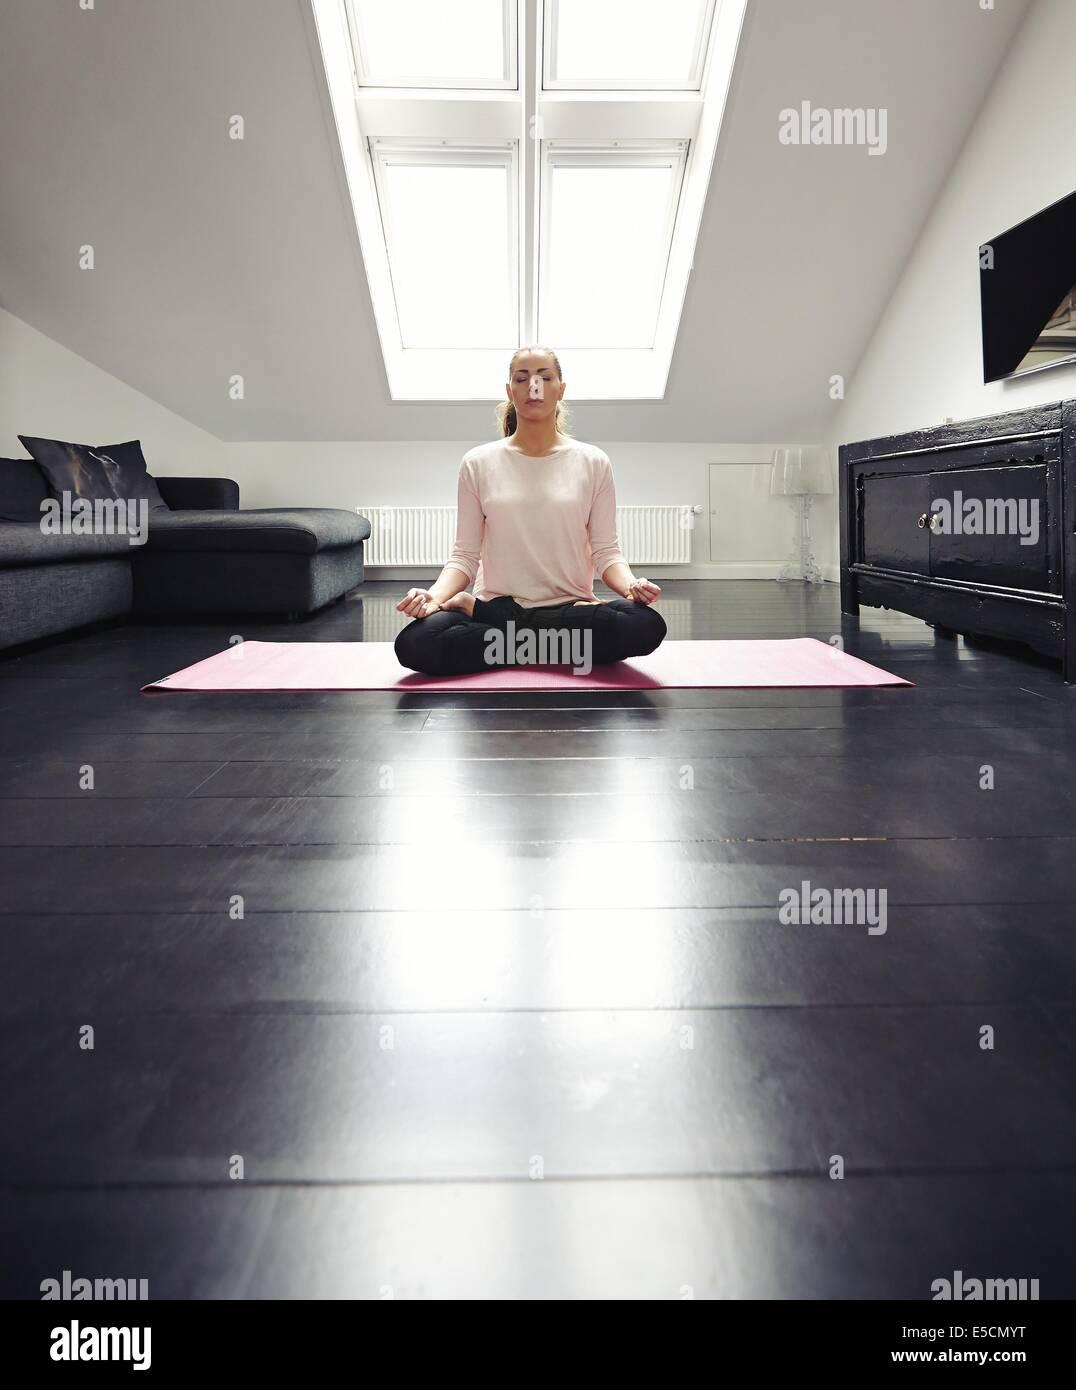 Junge Dame Praktizieren Yoga In Ihrem Wohnzimmer Passen Sie Frau Sitzt Am Boden Meditieren Im Lotussitz Zu Hause